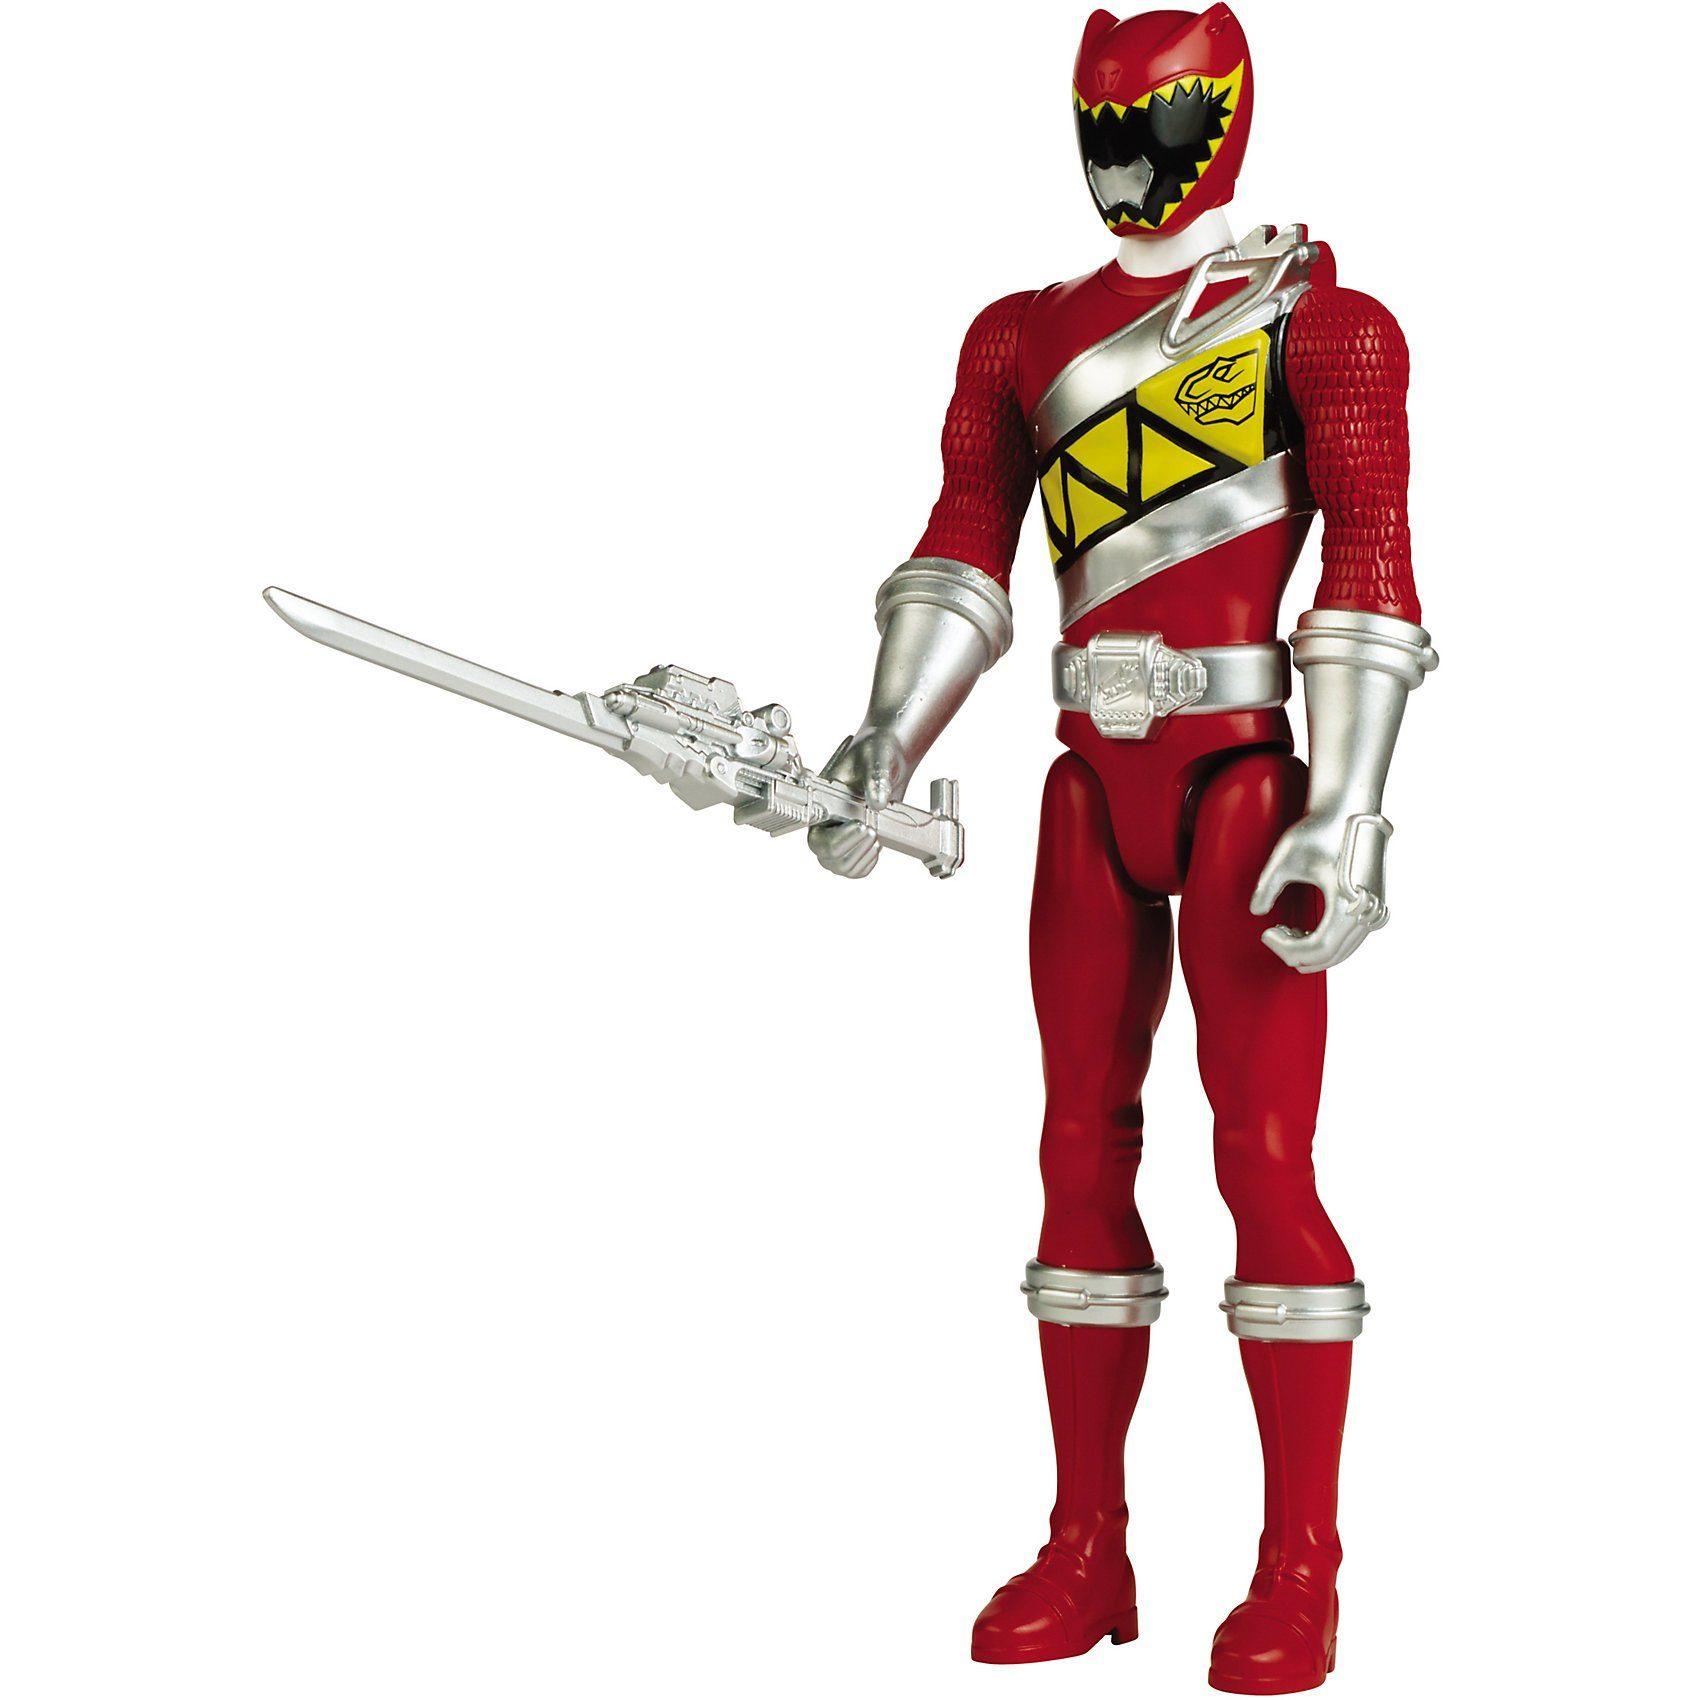 Stadlbauer Power Rangers Roter Ranger, 30 cm